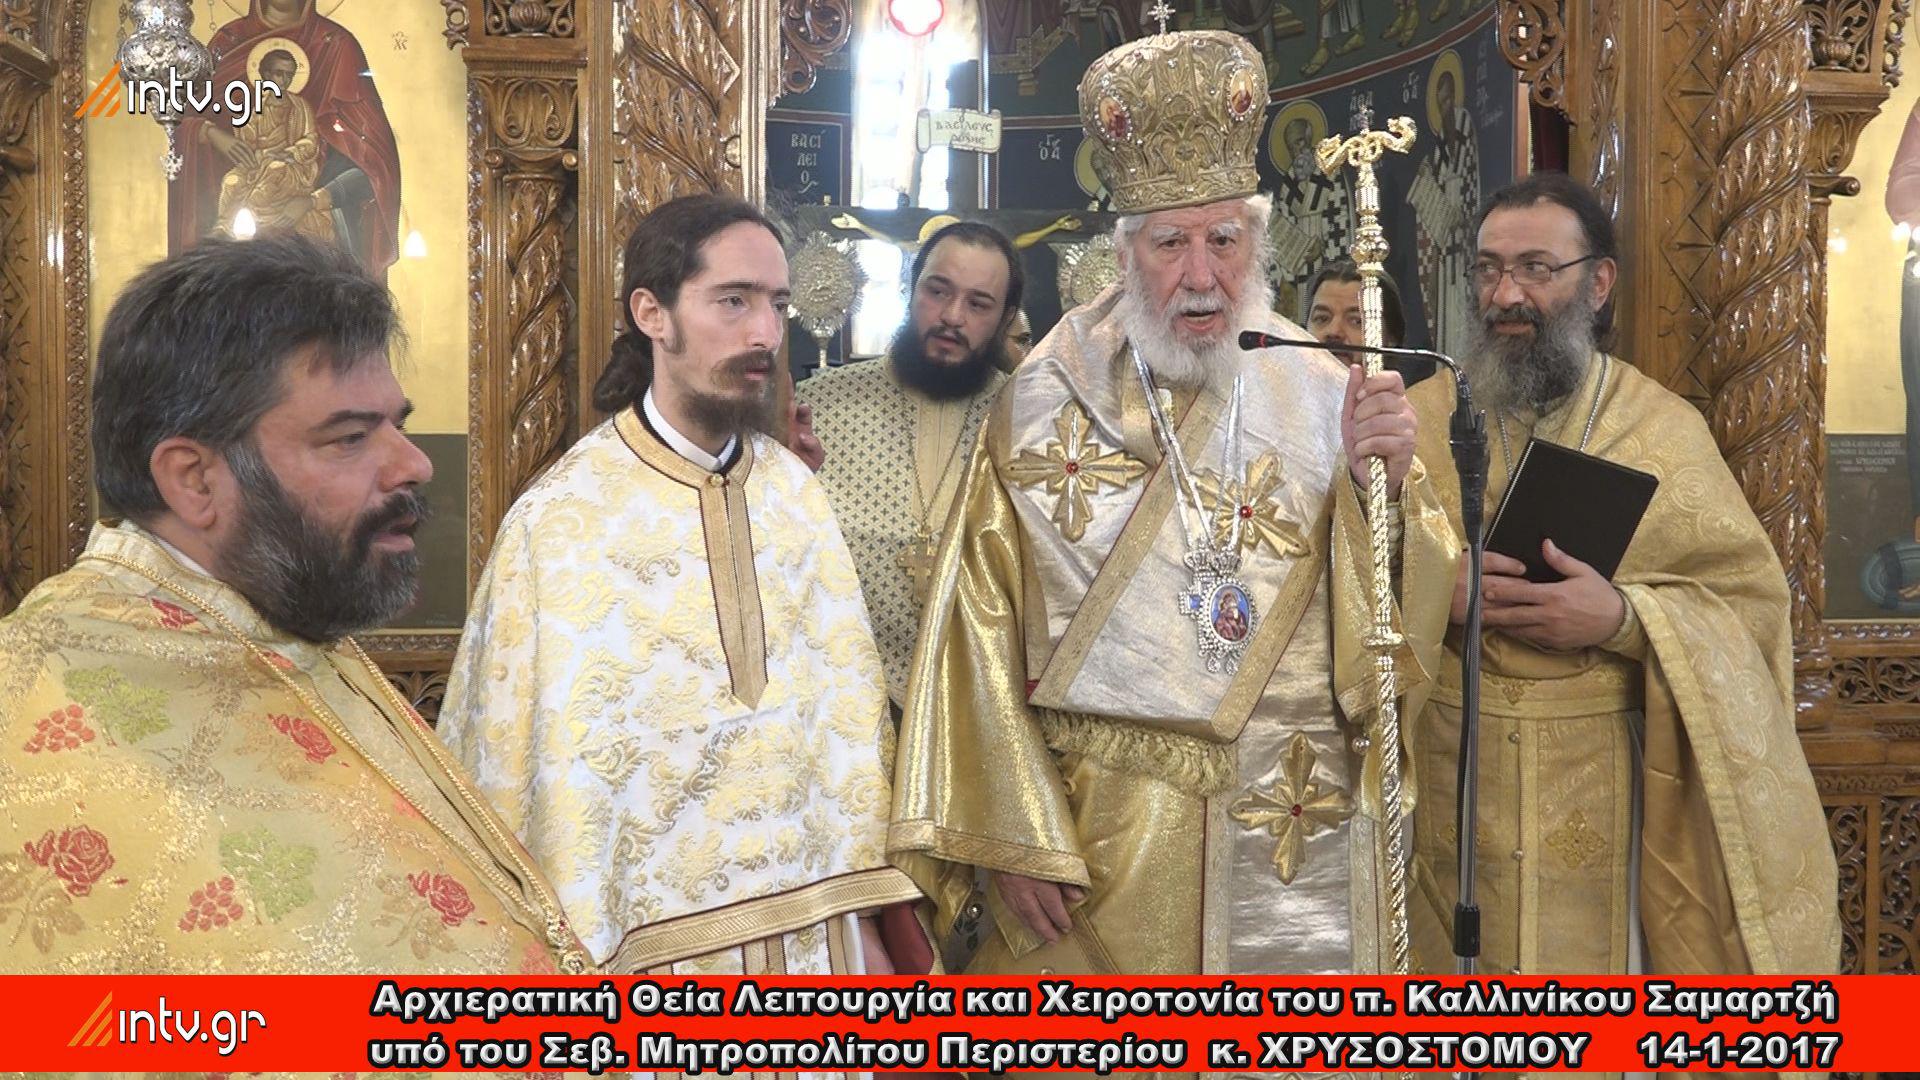 Αρχιερατική Θεία Λειτουργία και Χειροτονία του π. Καλλινίκου Σαμαρτζή υπό του Σεβ. Μητροπολίτου Περιστερίου  κ. ΧΡΥΣΟΣΤΟΜΟΥ